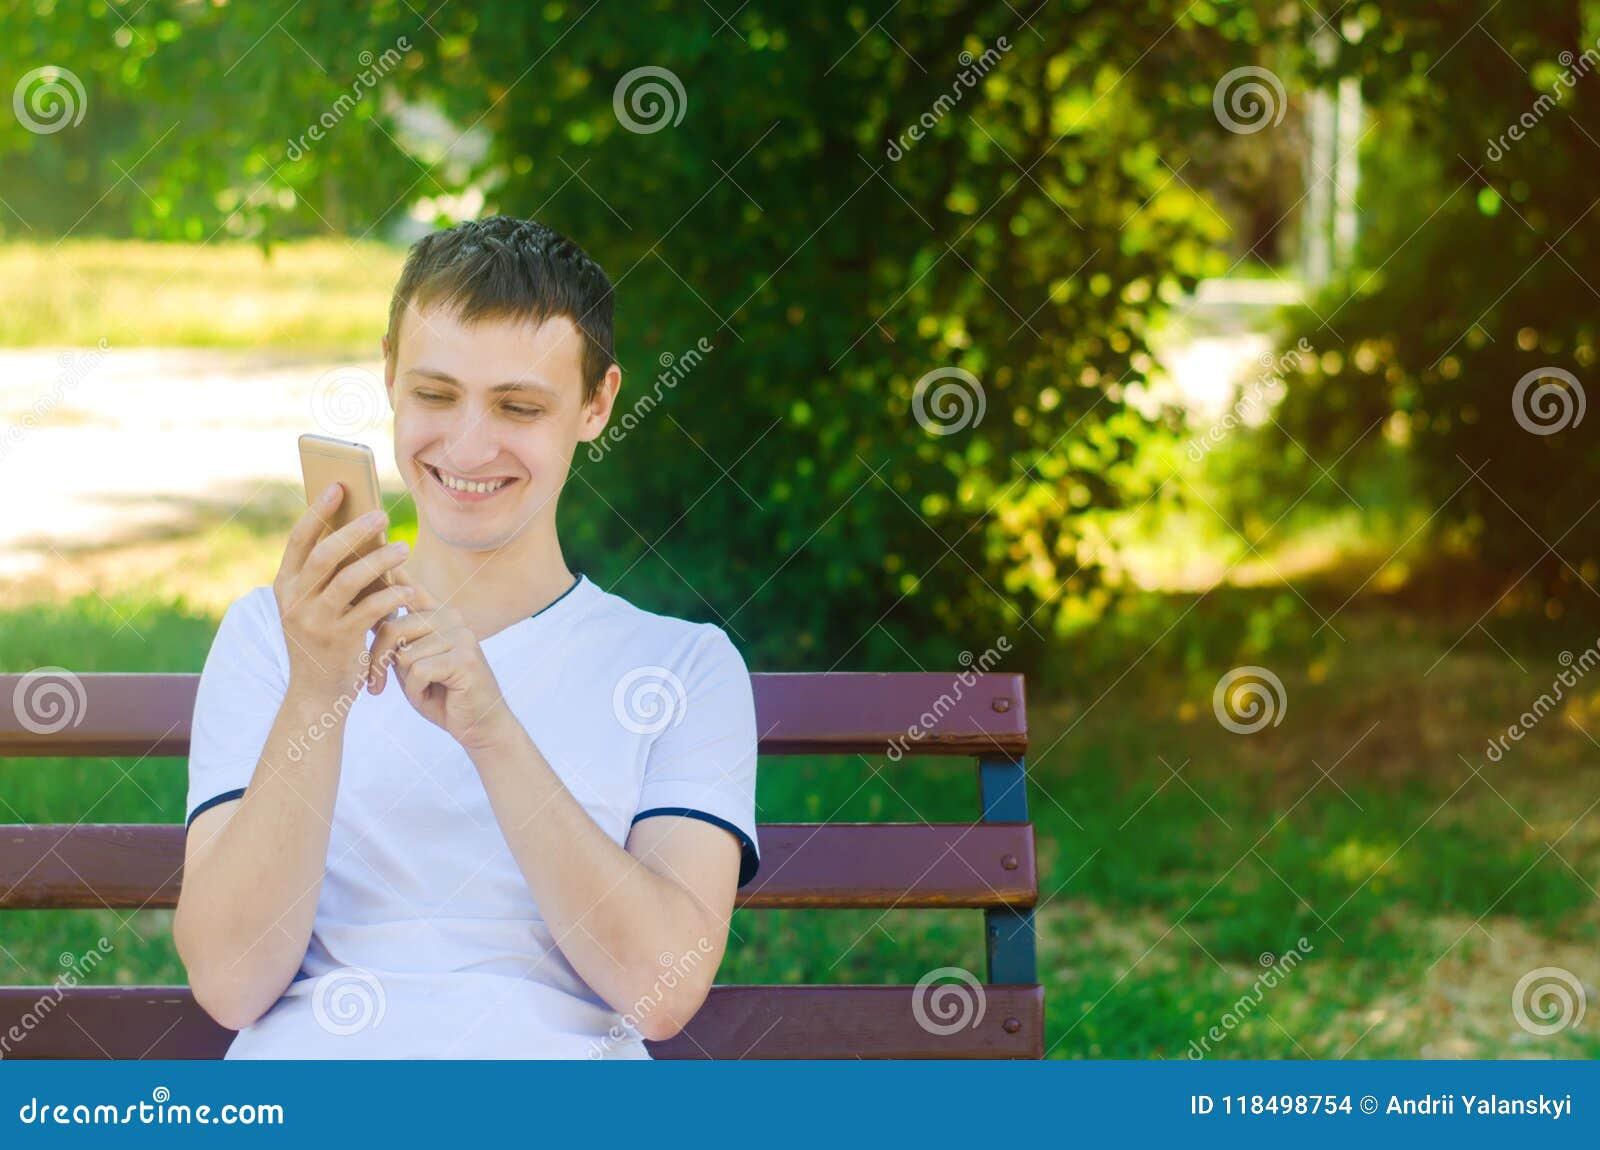 一个年轻欧洲人坐一条长凳在城市公园并且把手指指向电话 一个人微笑着看电话 布加勒斯特c e办公室